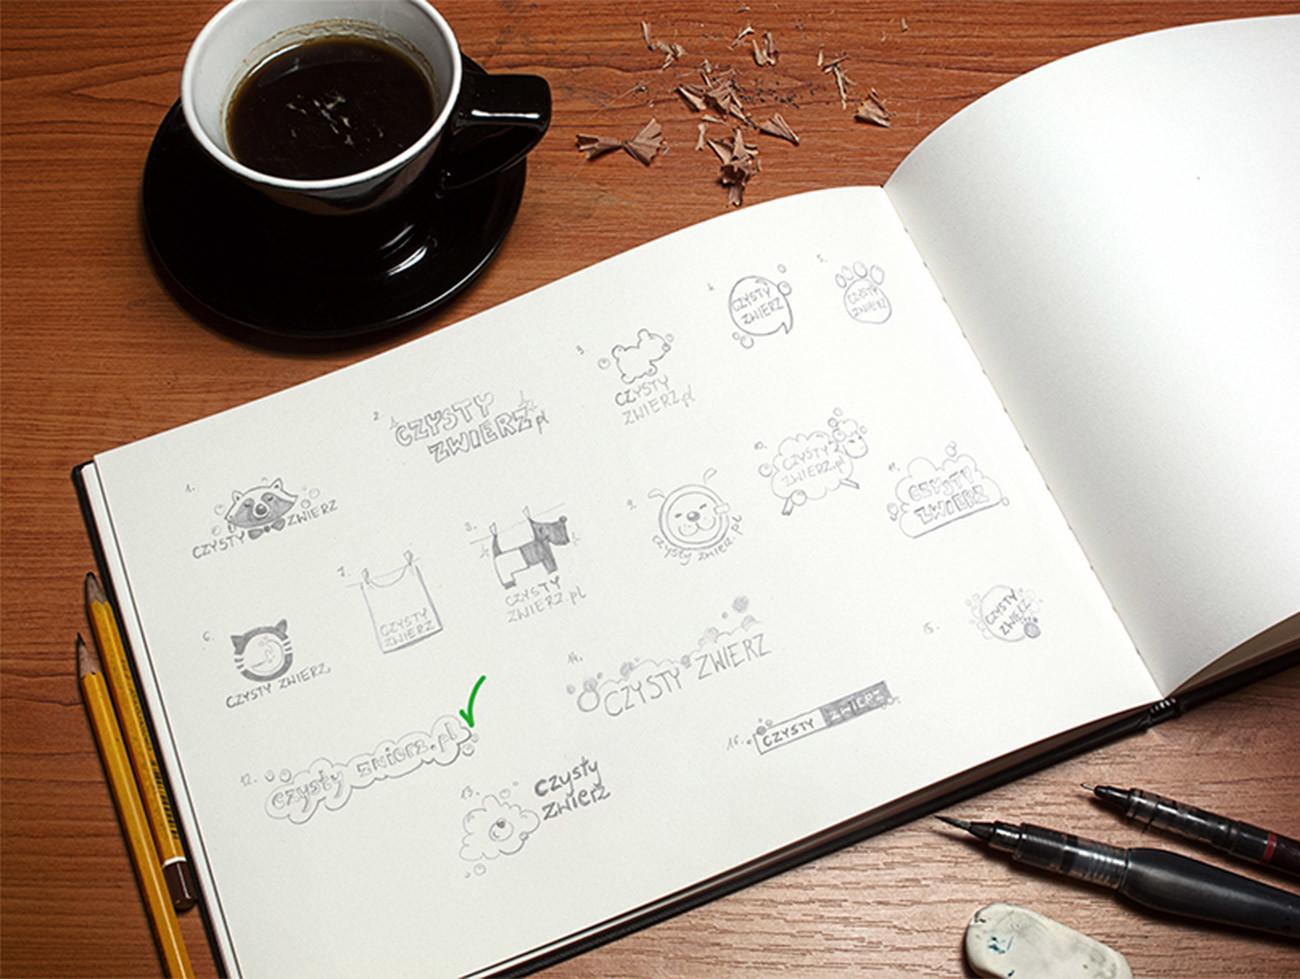 Czysty Zwierz - szkice logo